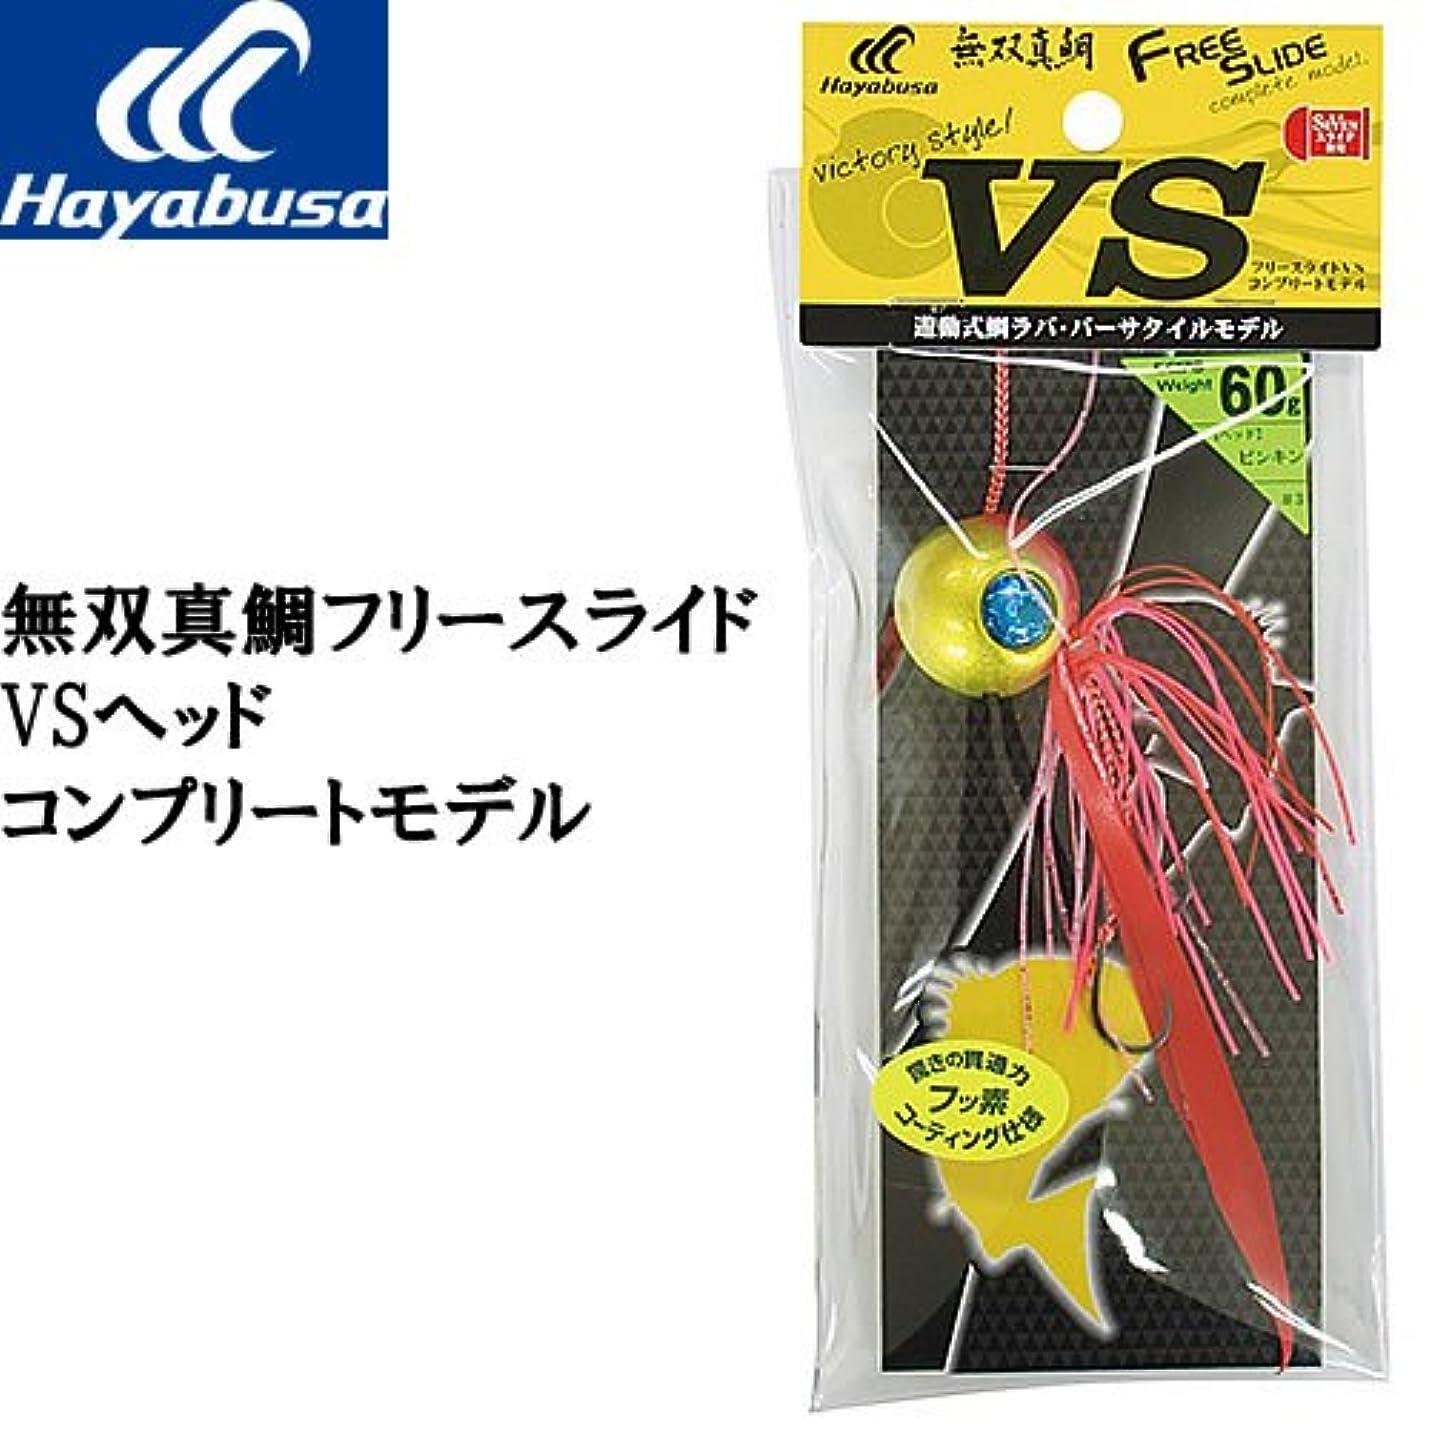 保証中性投げ捨てるハヤブサ(Hayabusa) メタルジグ ルアー 無双真鯛フリースライド VSヘッド コンプリートモデル 120g オレンジ #4 SE170